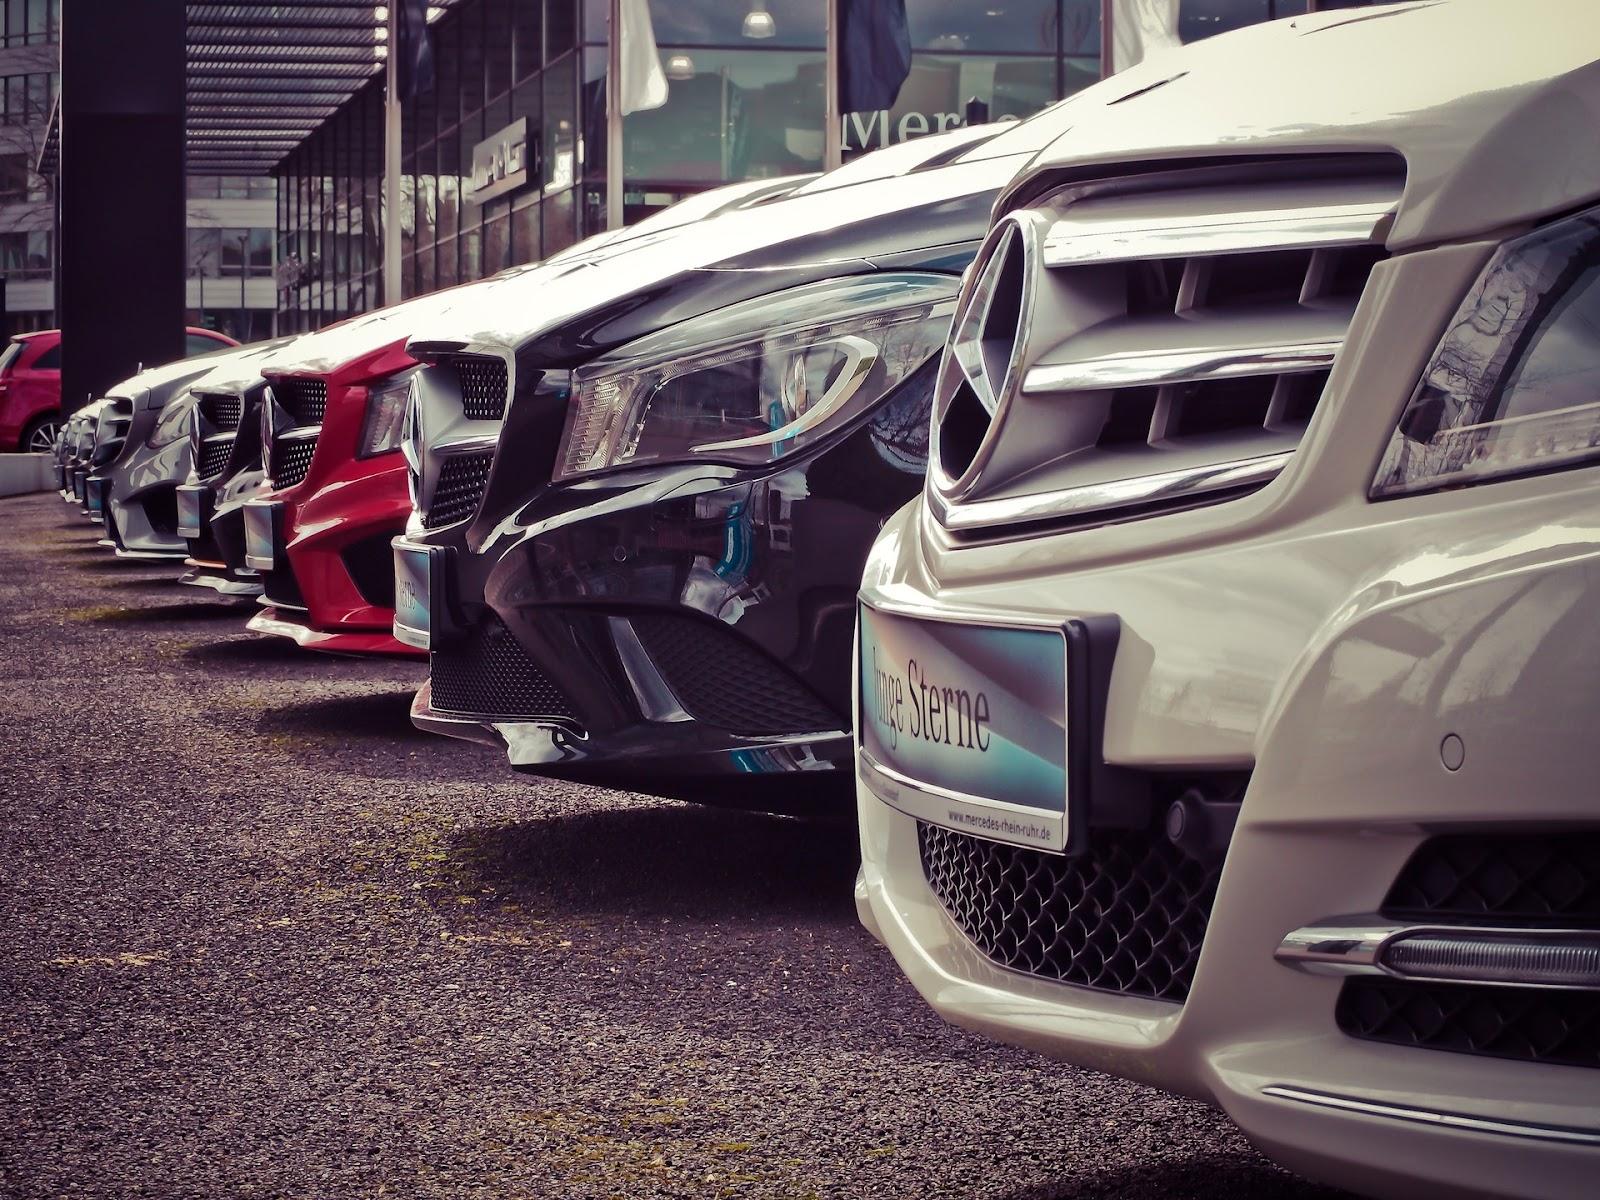 Os carros mais modernos, especialmente os de luxo, costumam ser equipados com injeção direta (Fonte: Pixabay)